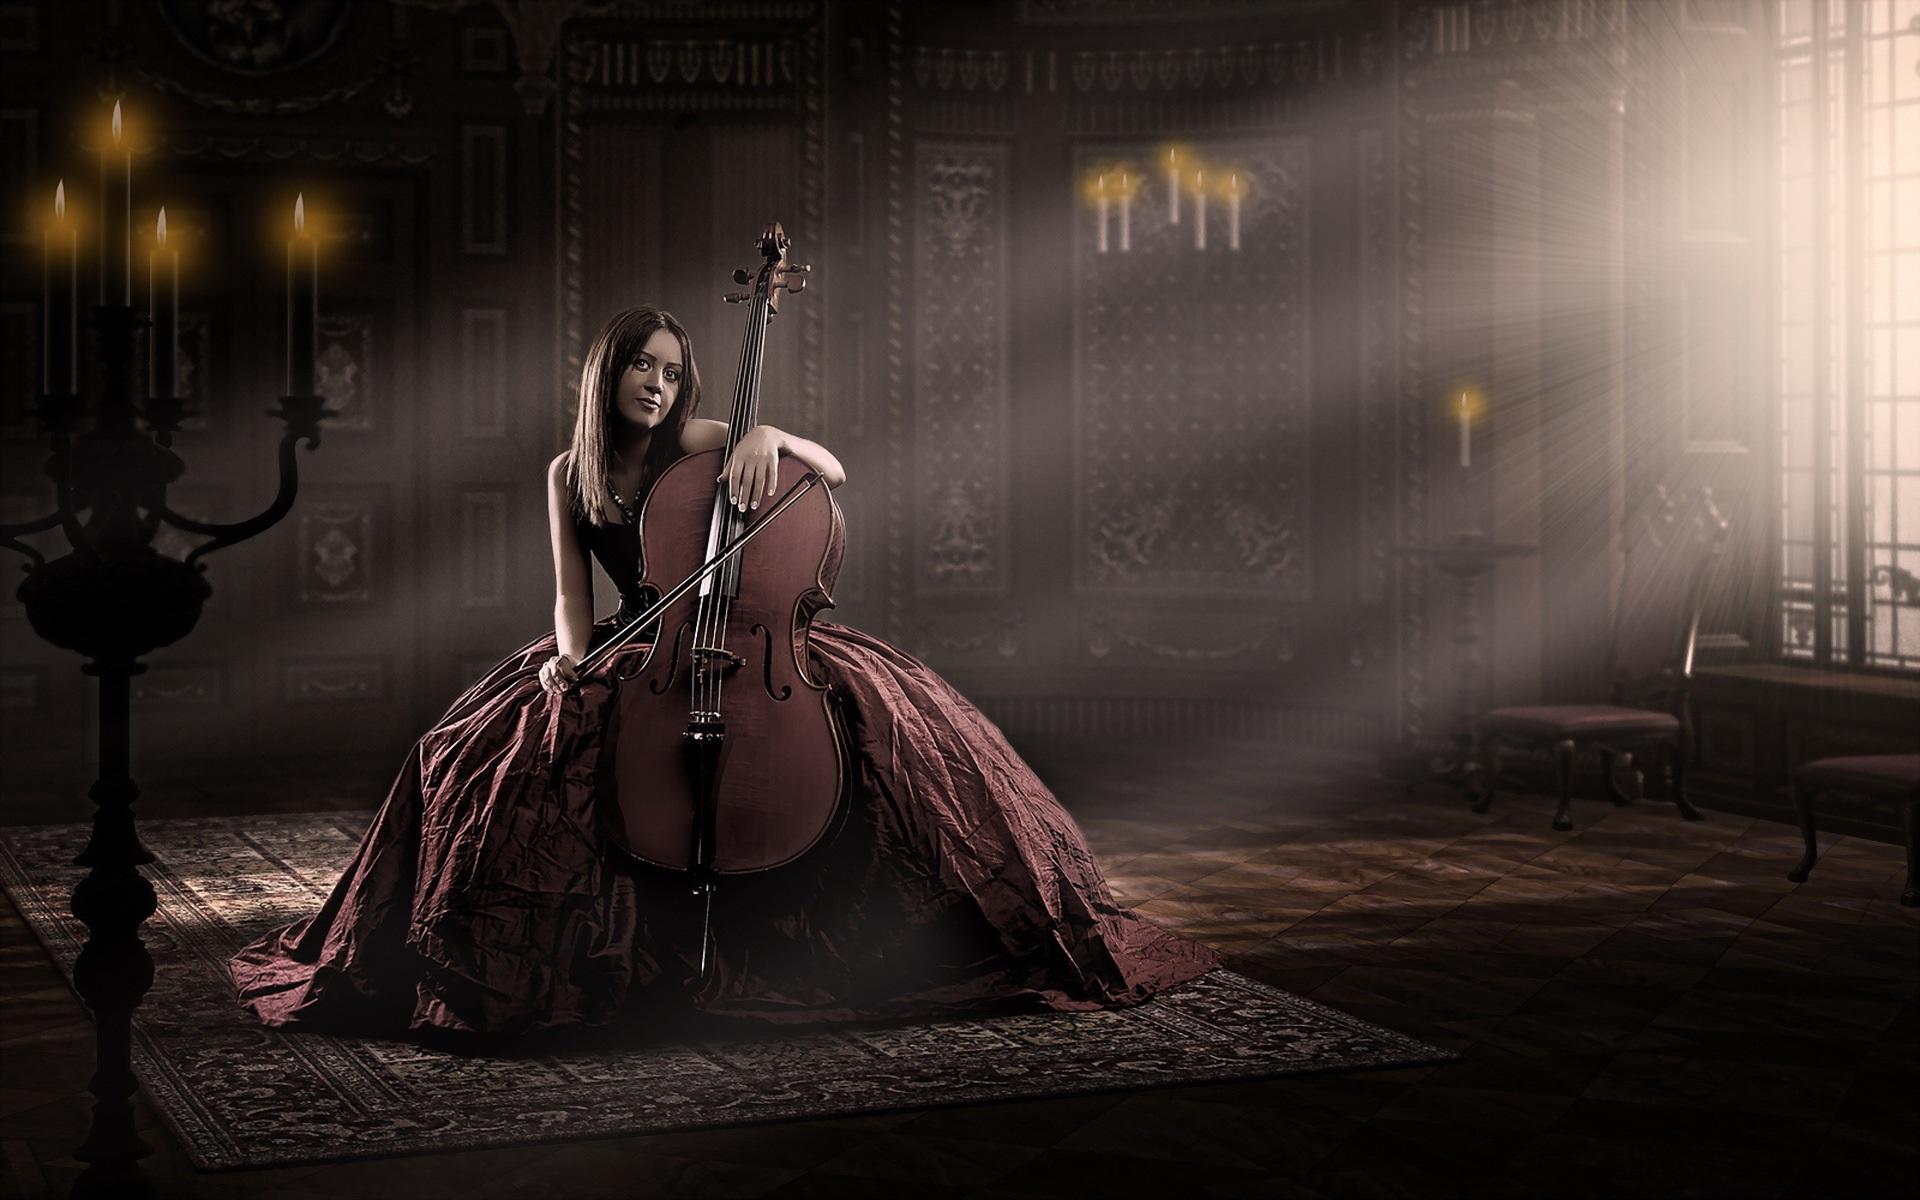 Download Wallpaper Paris Cute Red Dress Girl Cello Music Wallpaper Girls Wallpaper